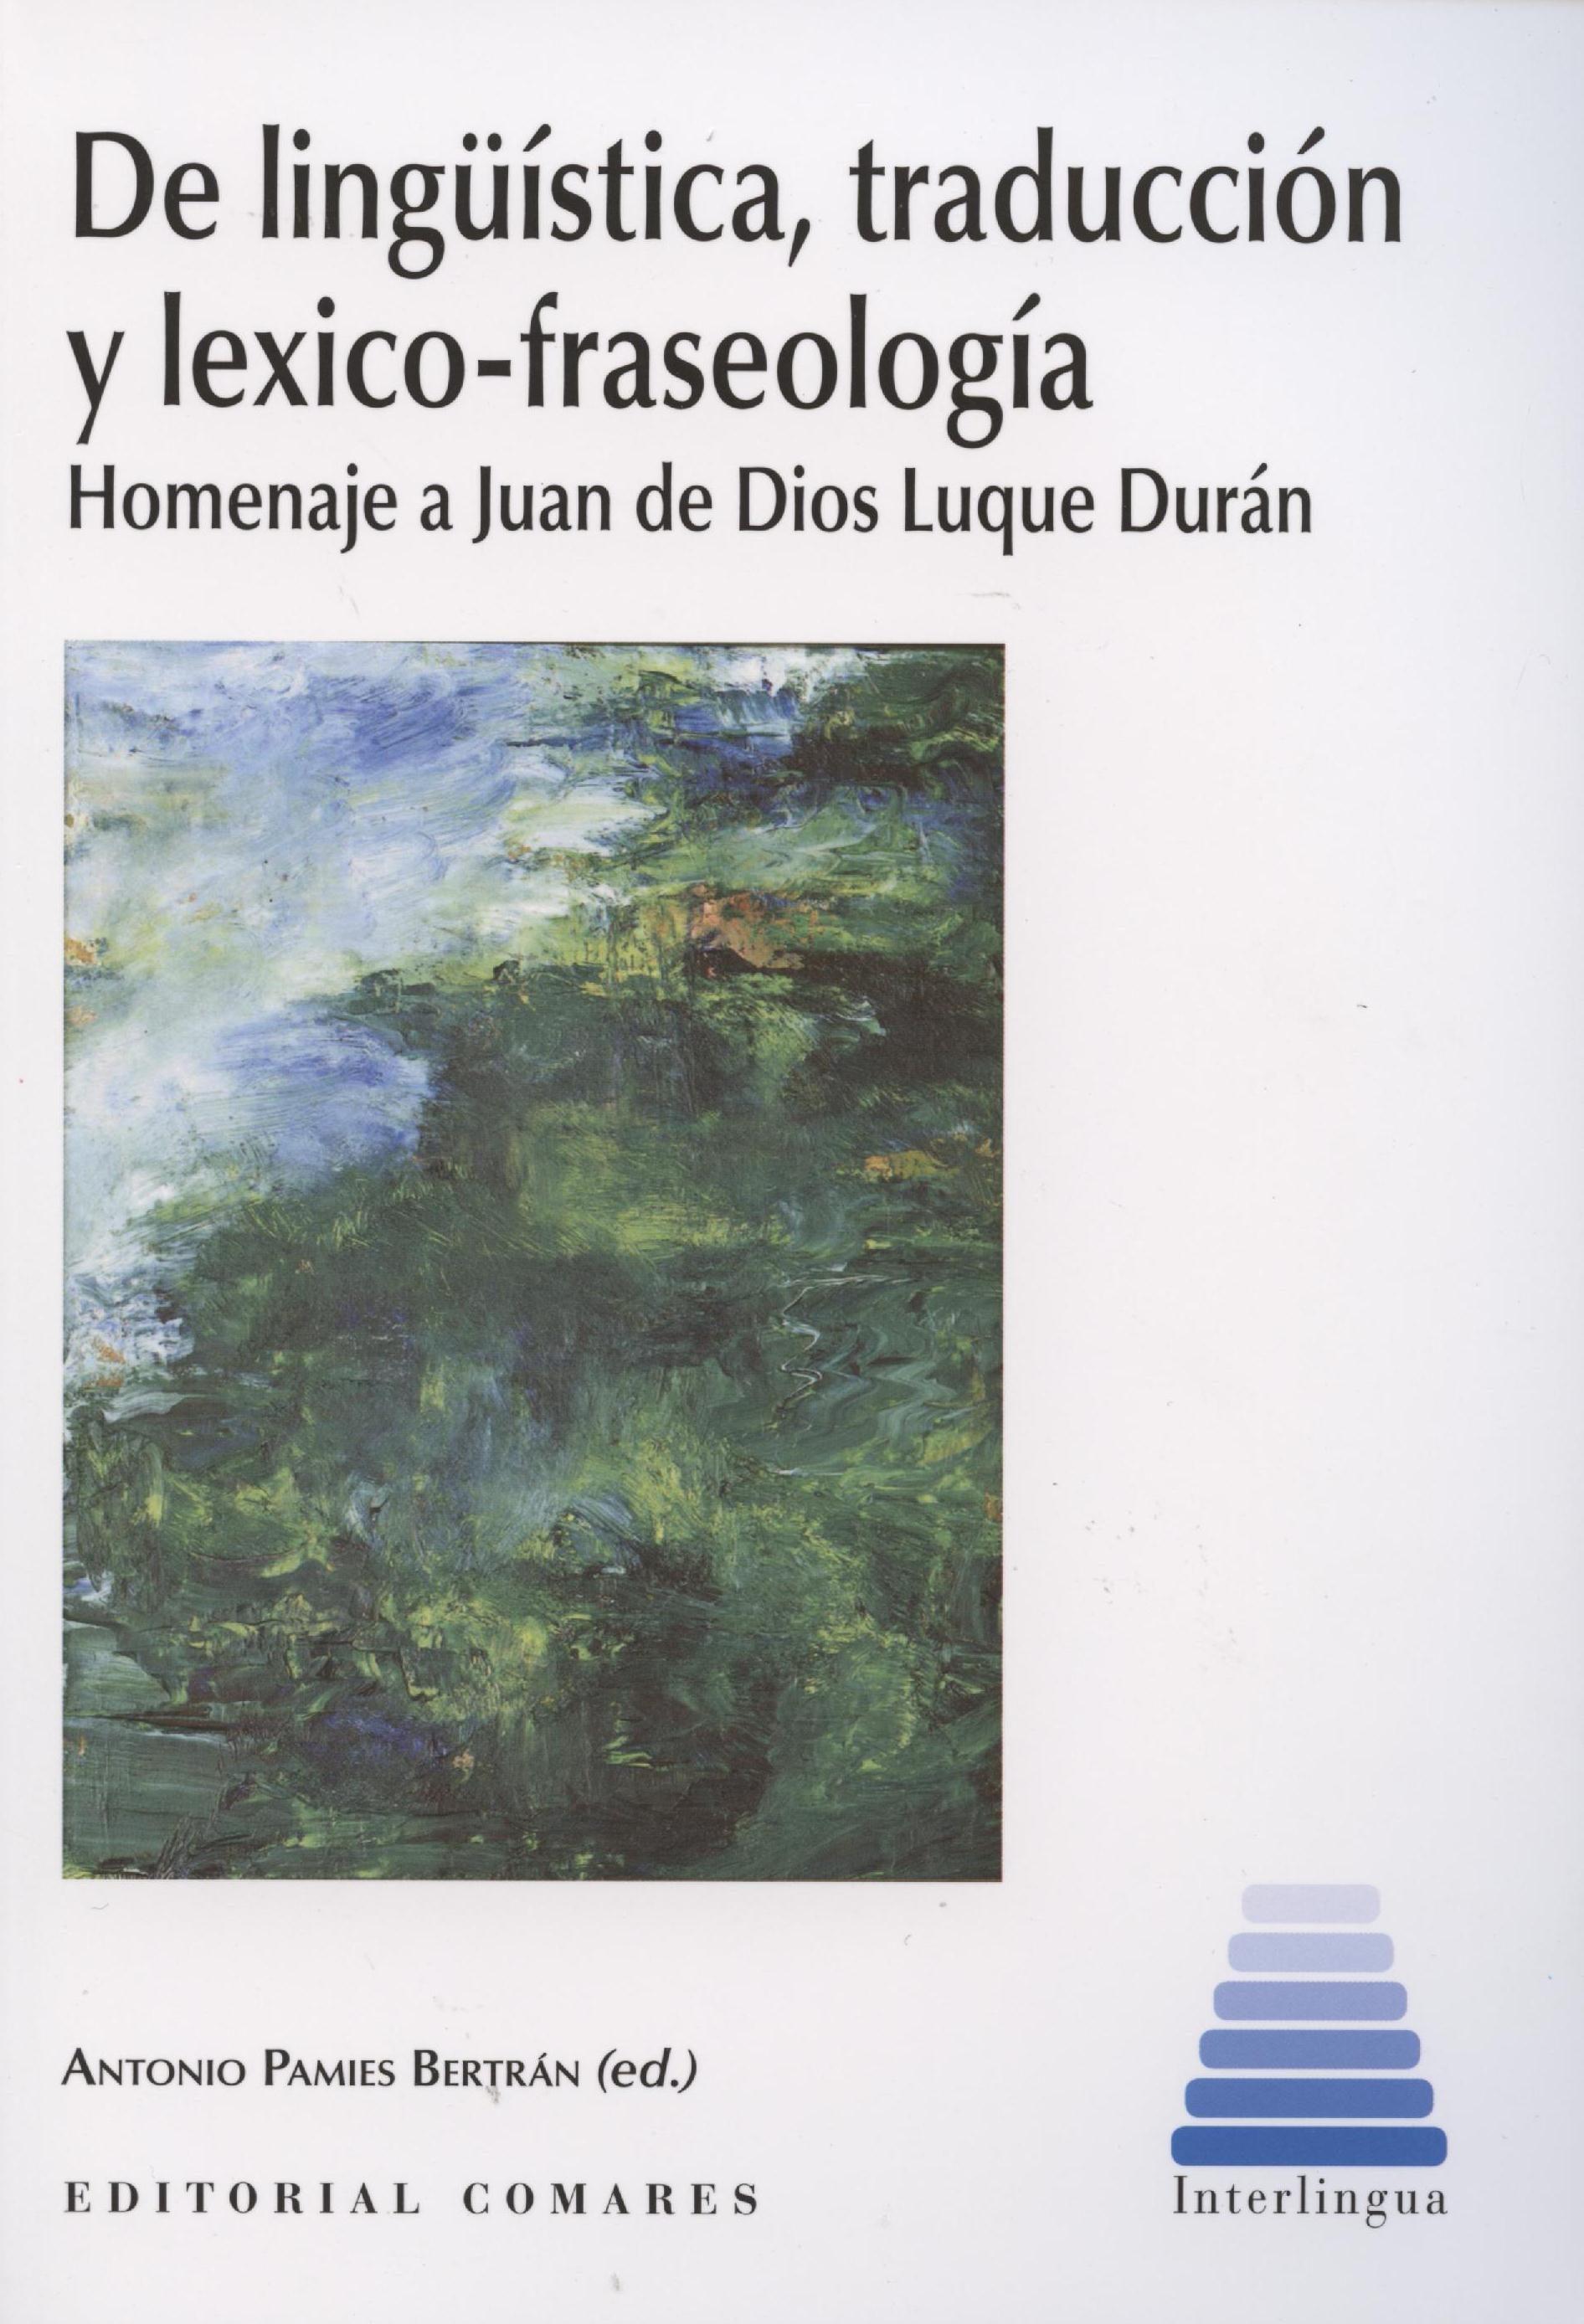 DE LINGUISTICA, TRADUCCION Y LEXICO-FRASEOLOGIA | ANTONIO PAMIES ...